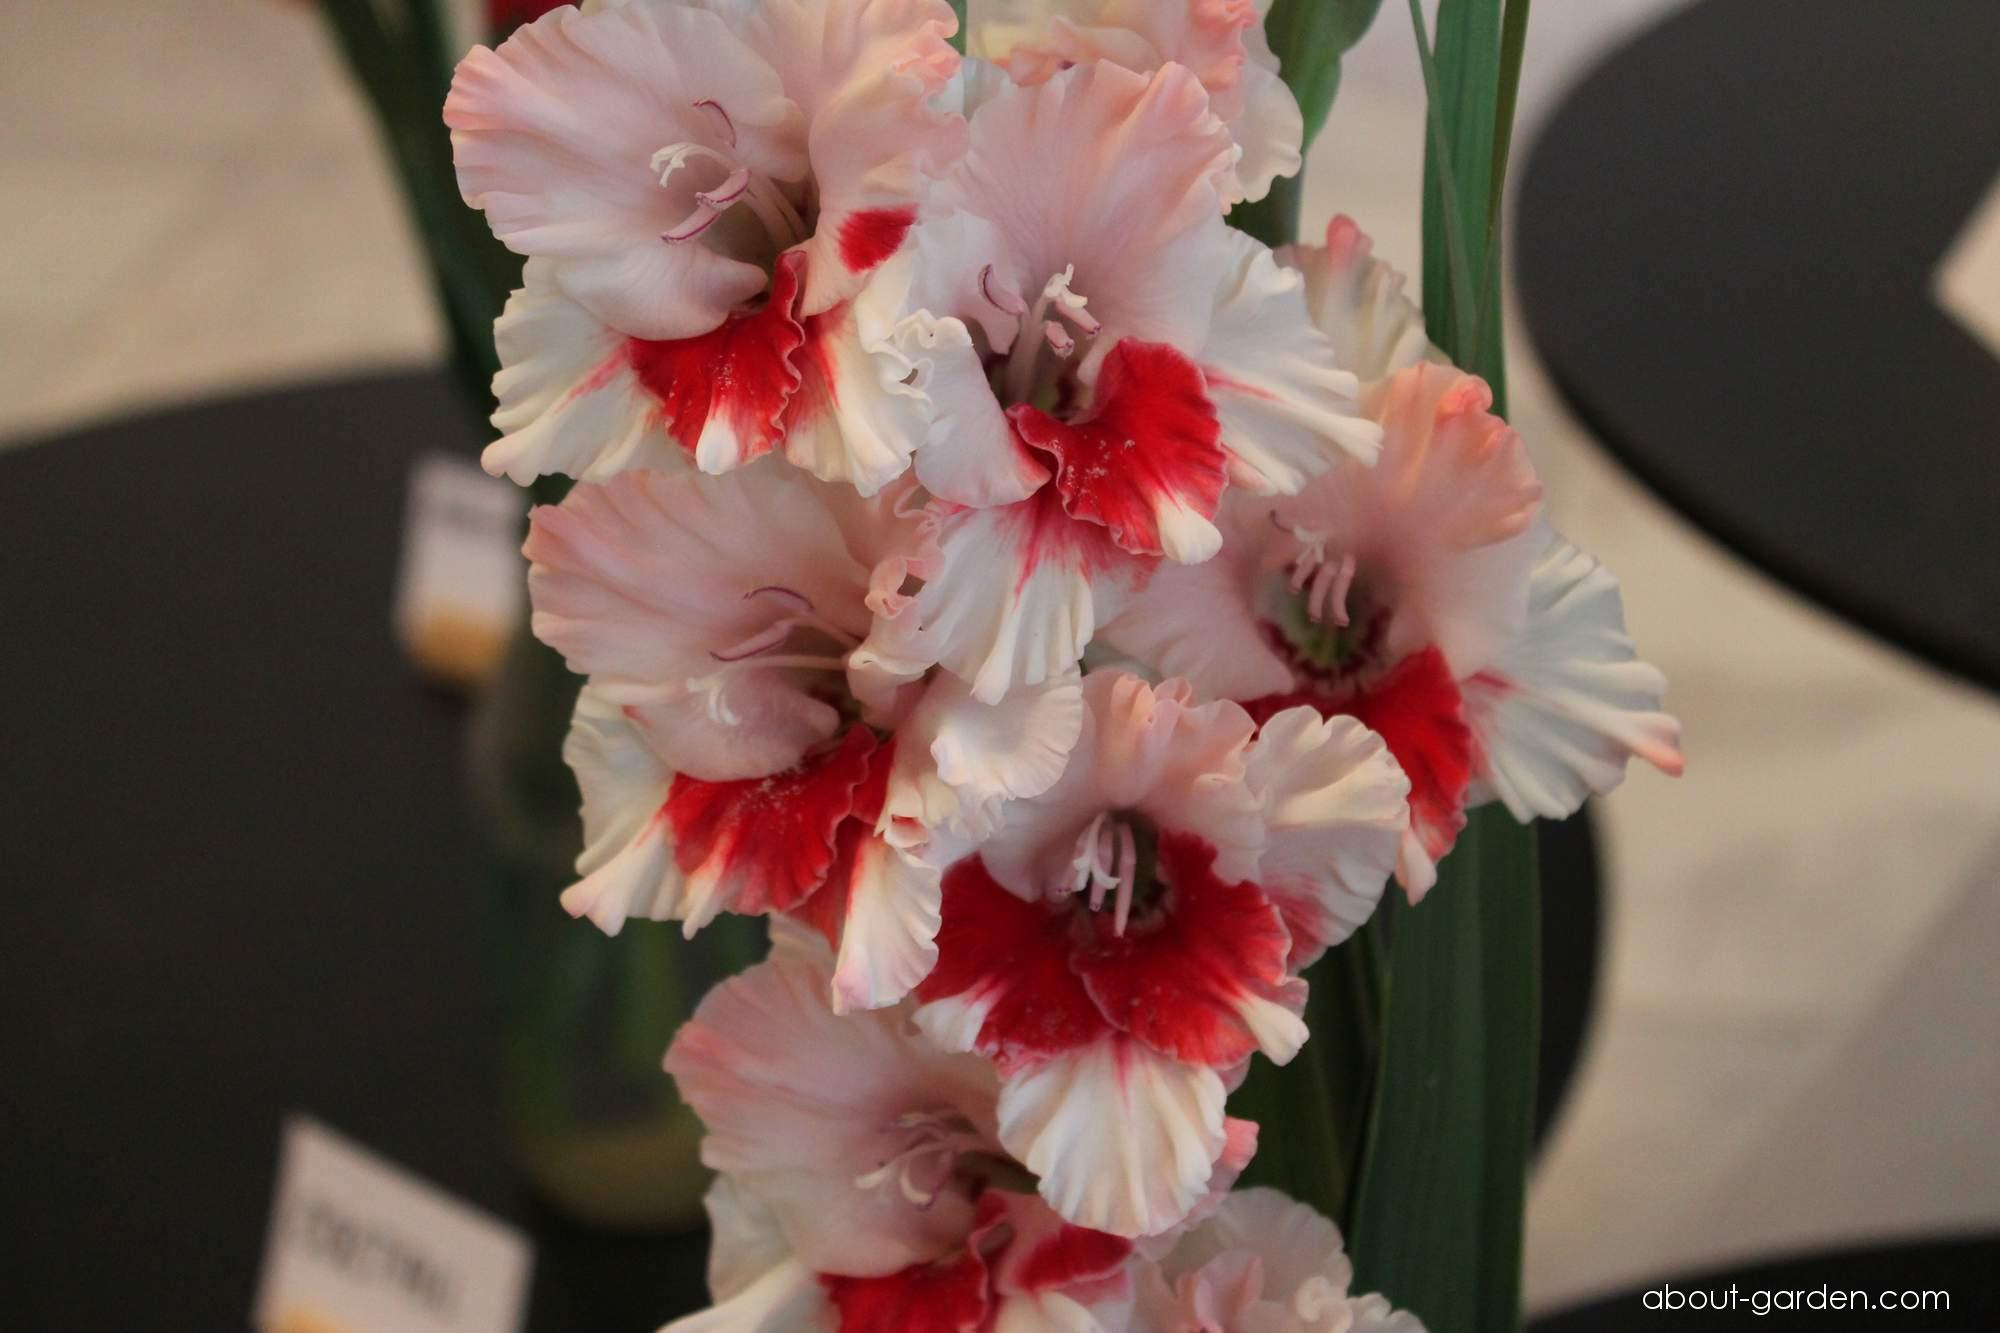 Gladiolus - Gladiolus Nostalgie